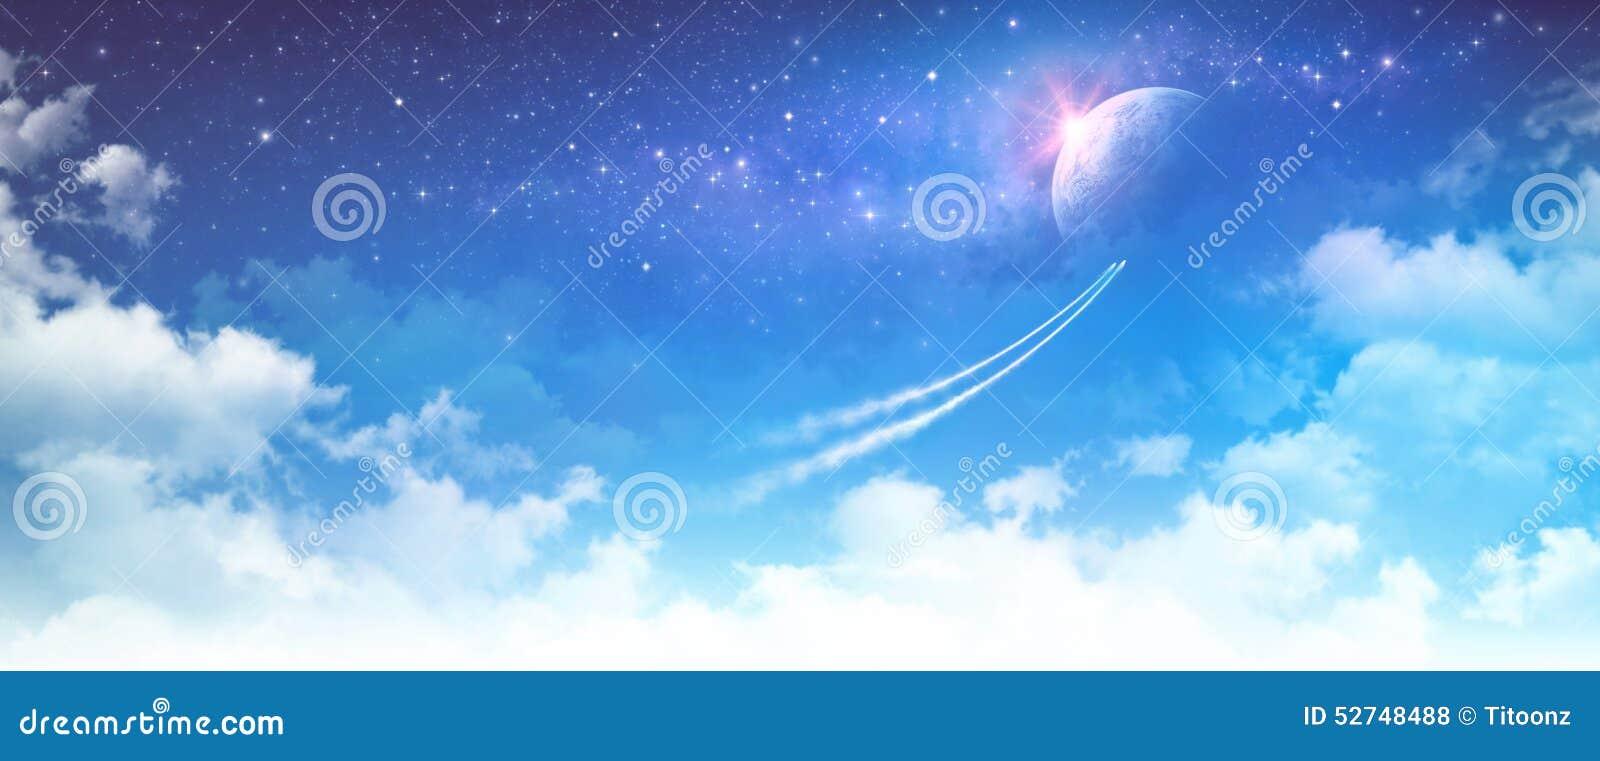 Voyage dans l espace